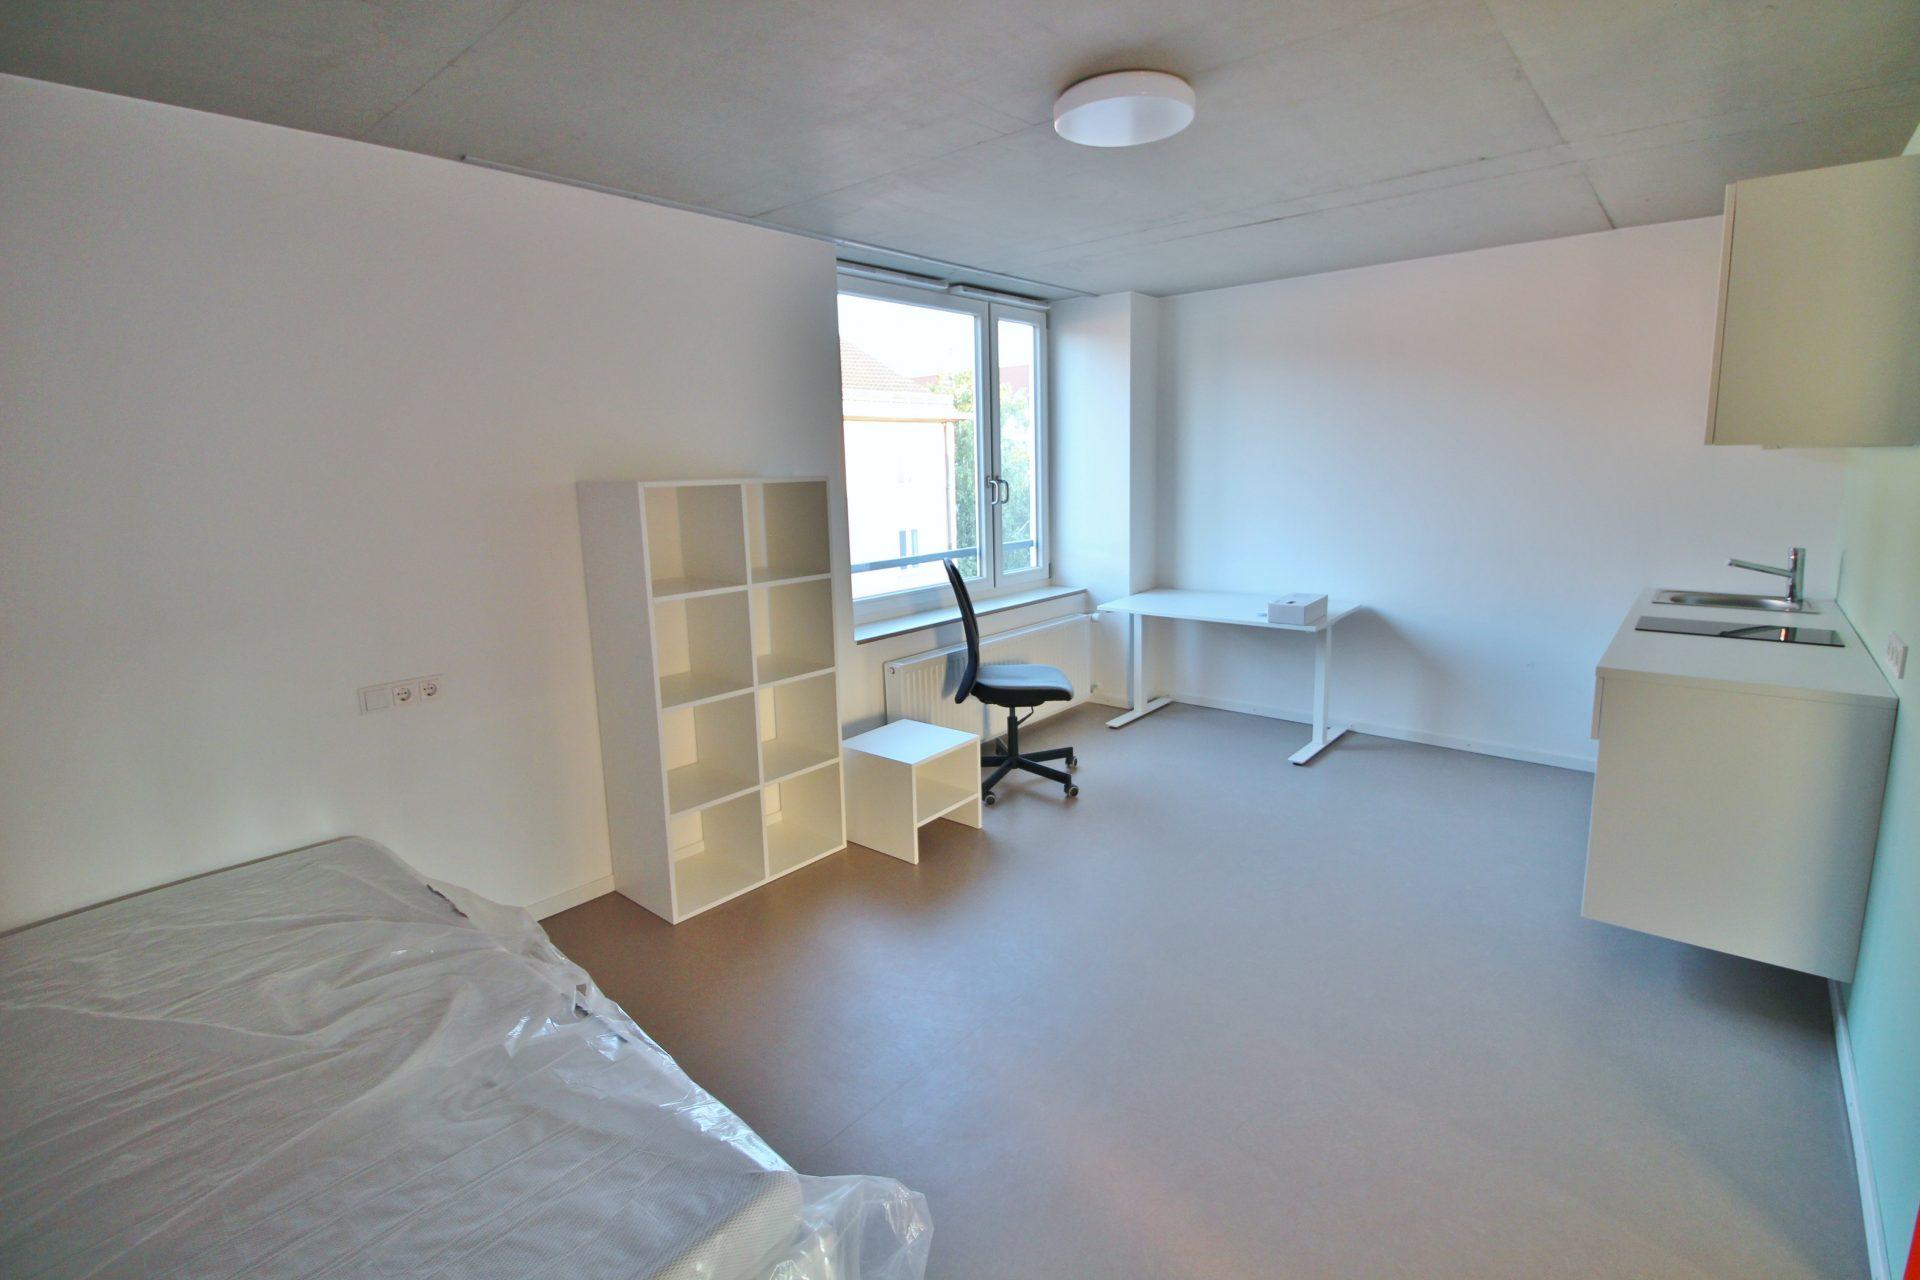 apartment_barrierefrei_uneingerichtet_3